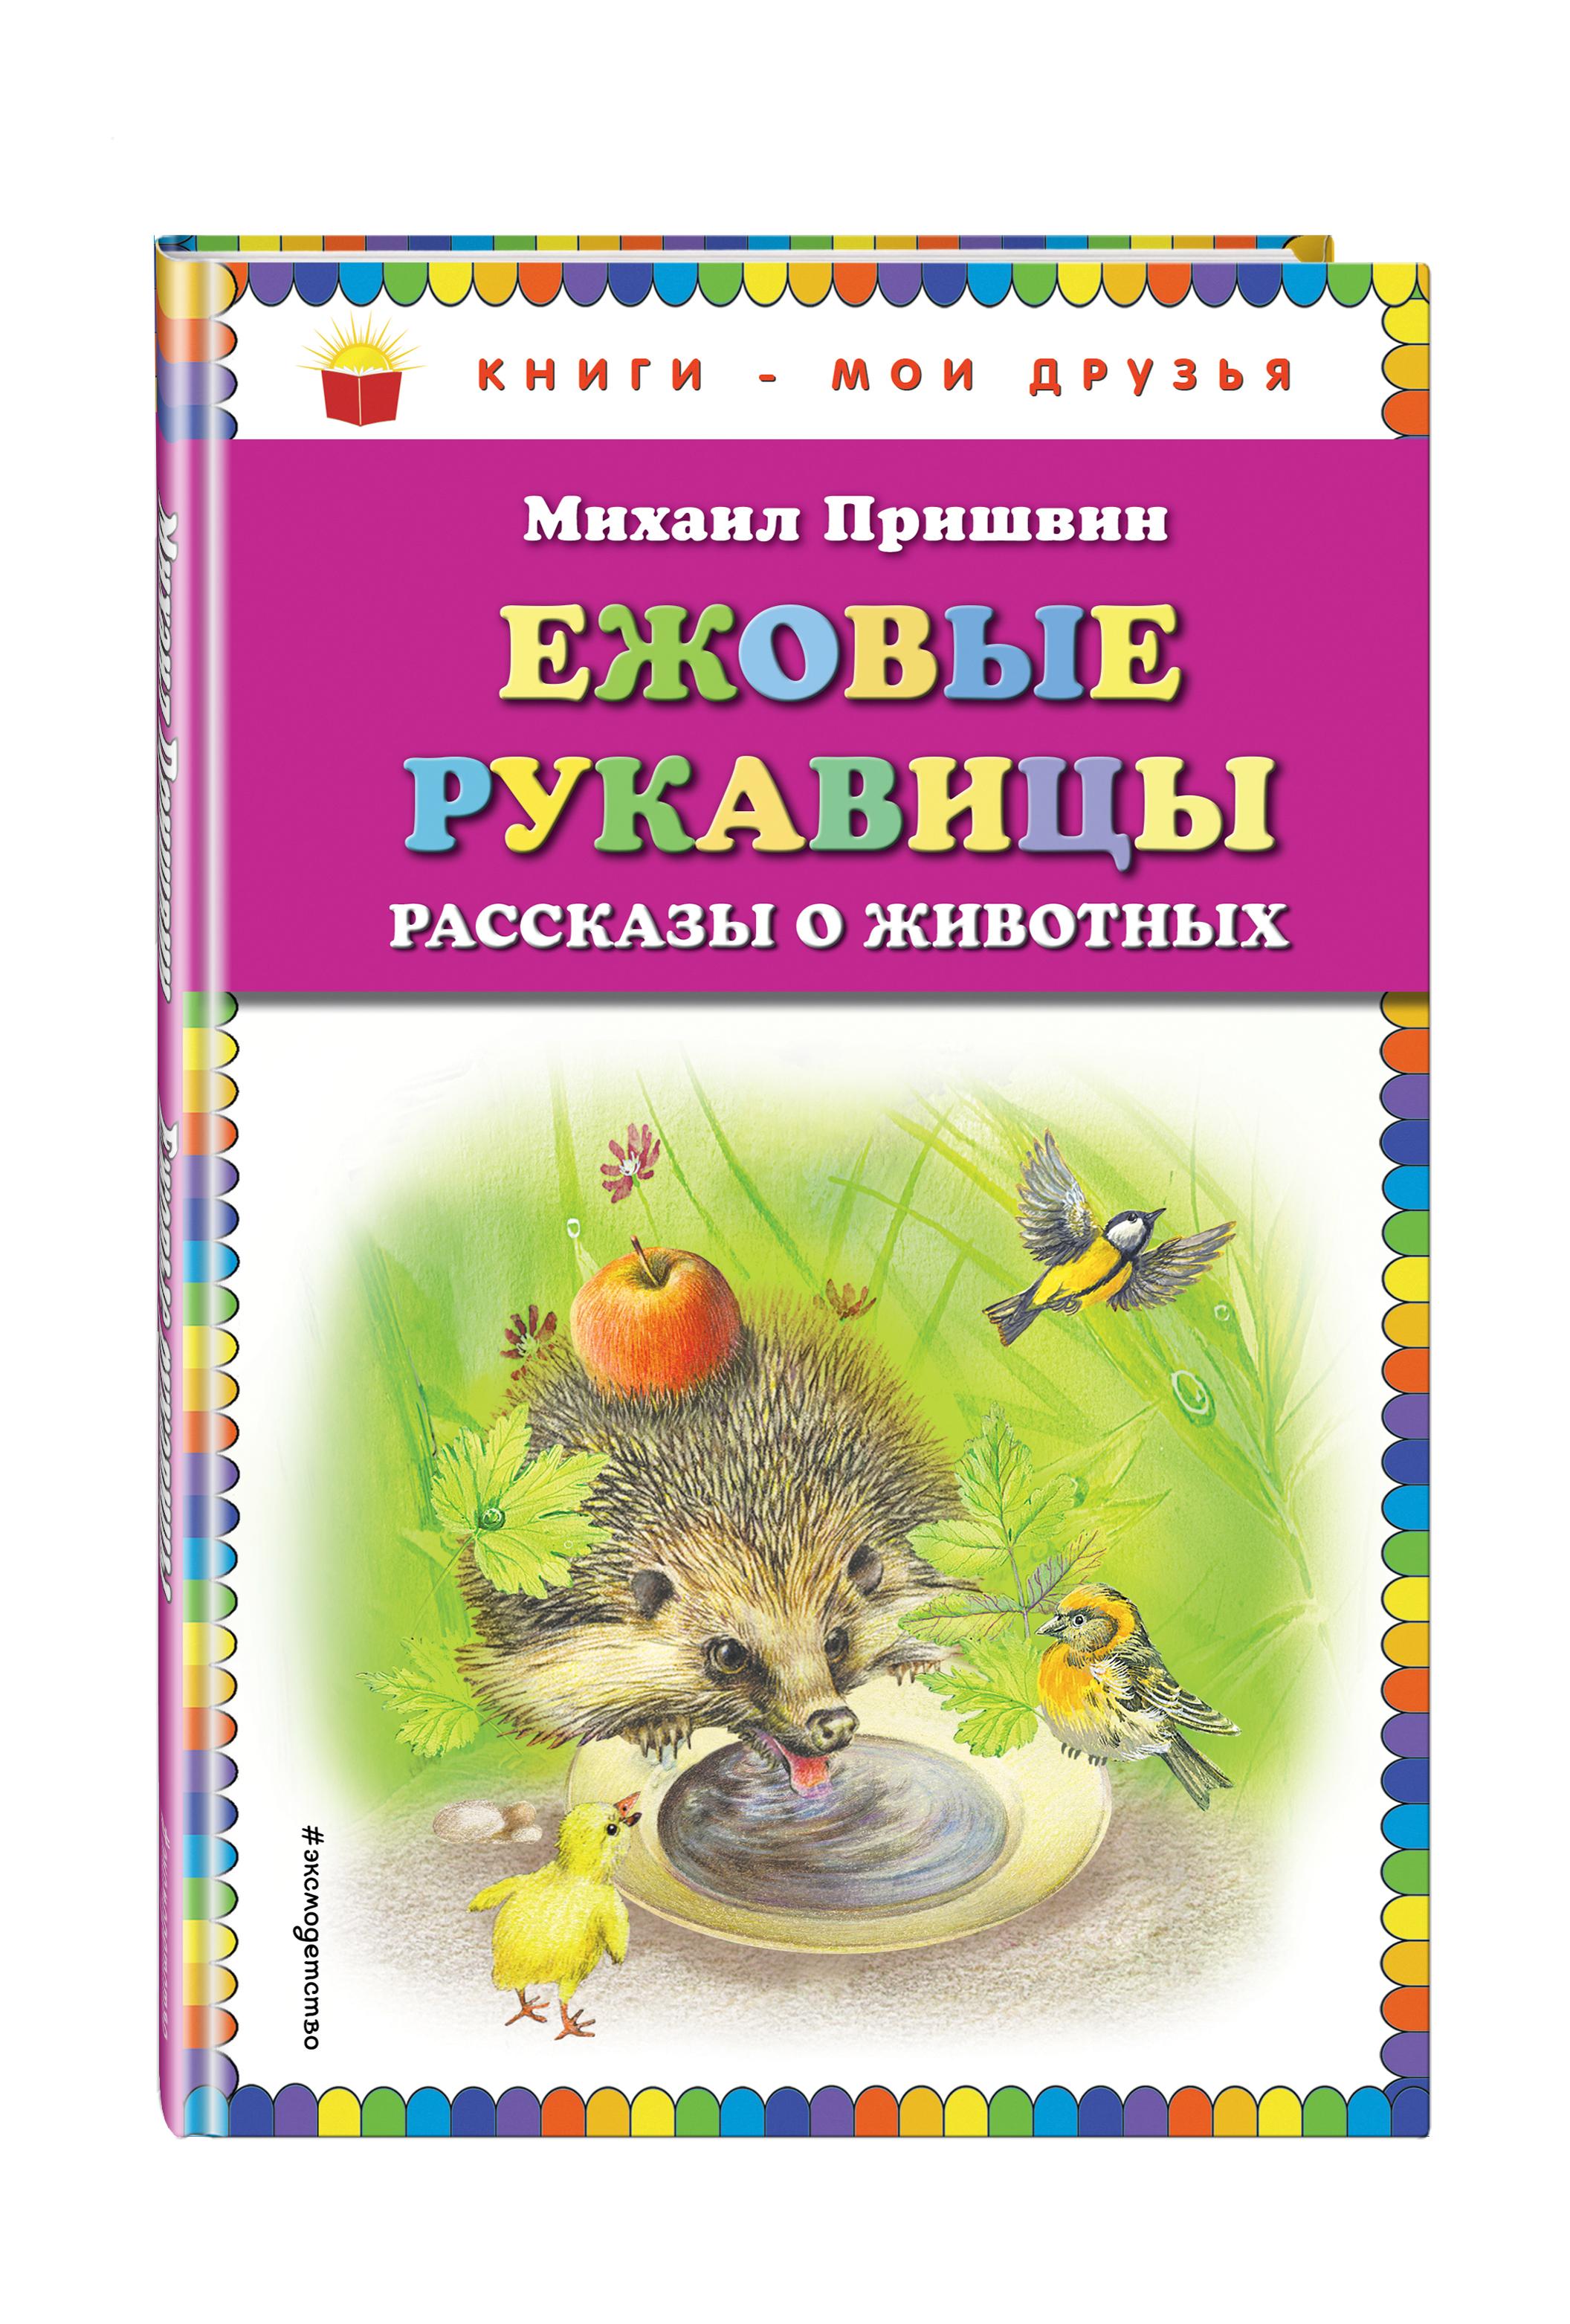 Ежовые рукавицы: рассказы о животных ( Пришвин Михаил Михайлович  )